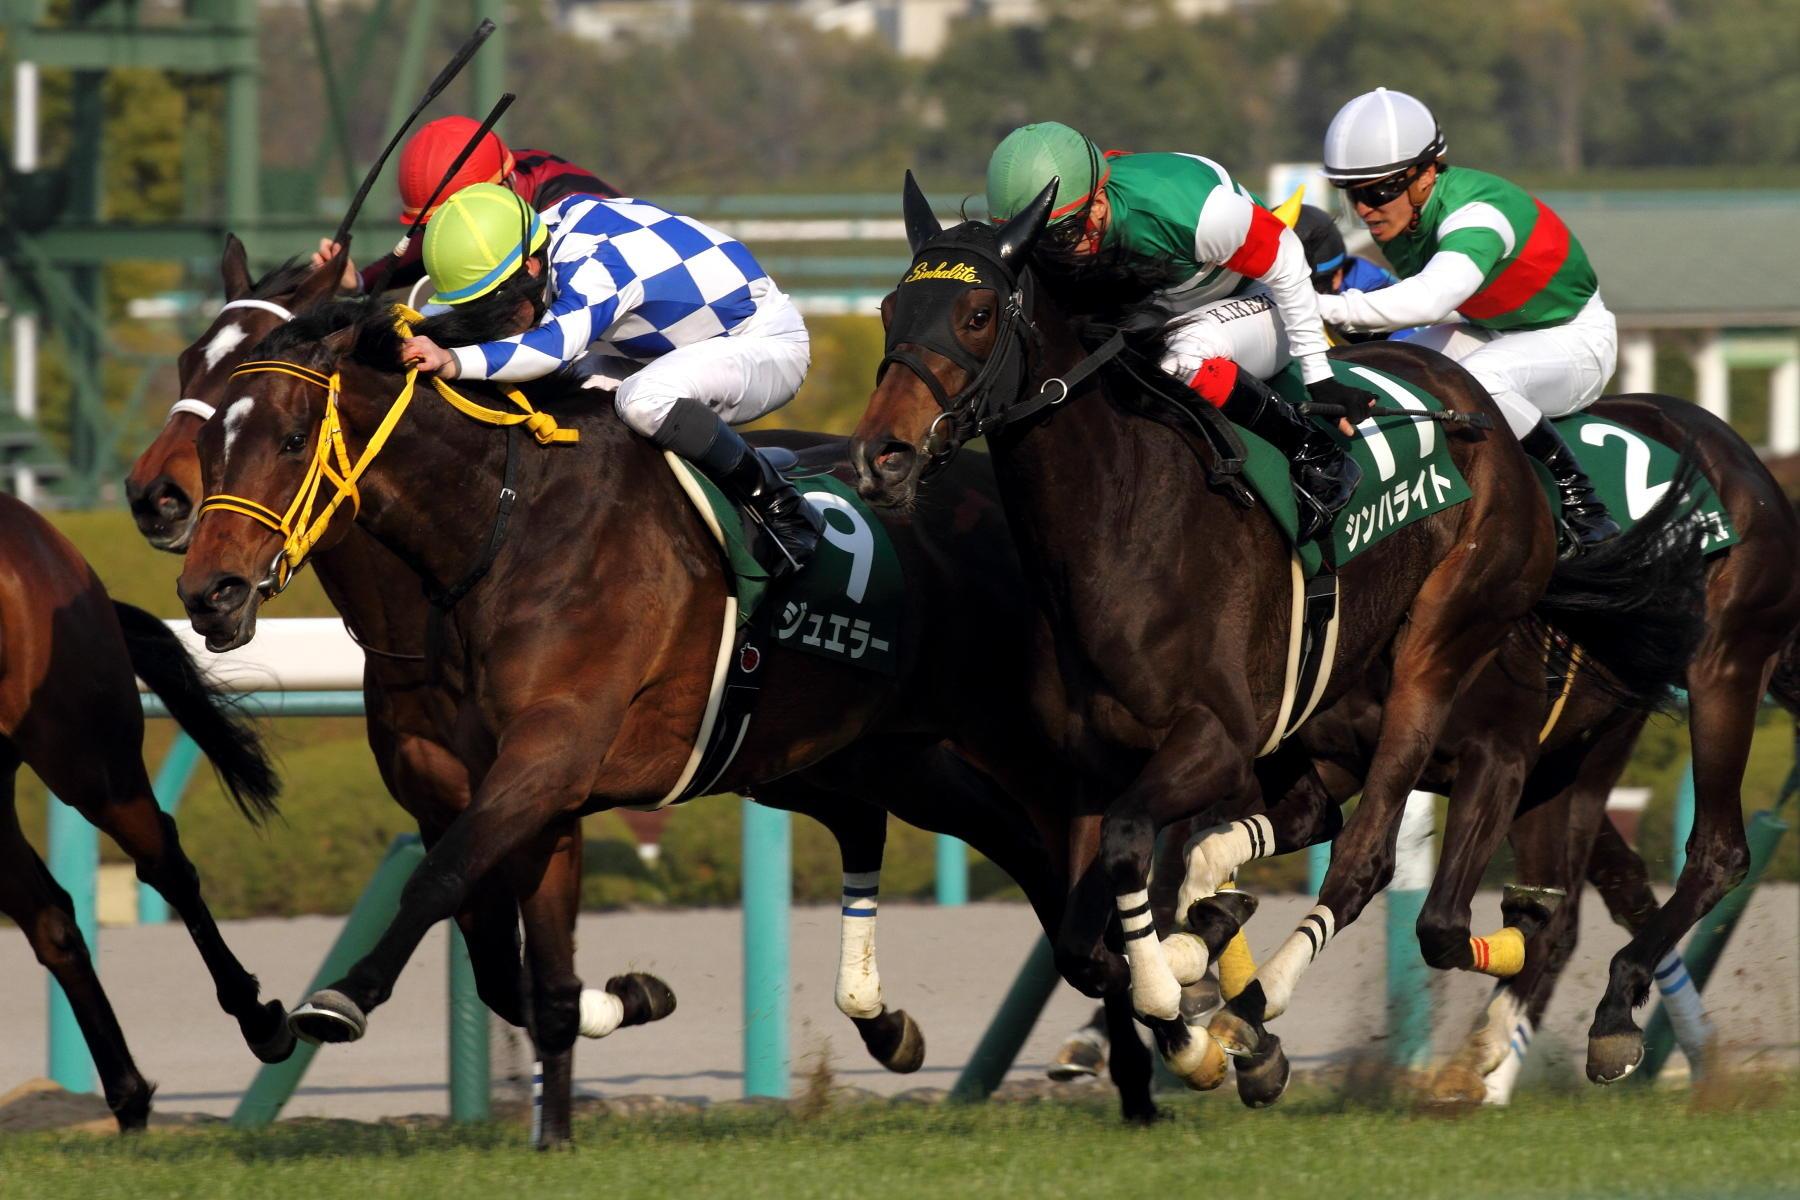 【桜花賞2016】予想 メジャーエンブレムが最有力候補だが現時点での軸馬はあの馬から!